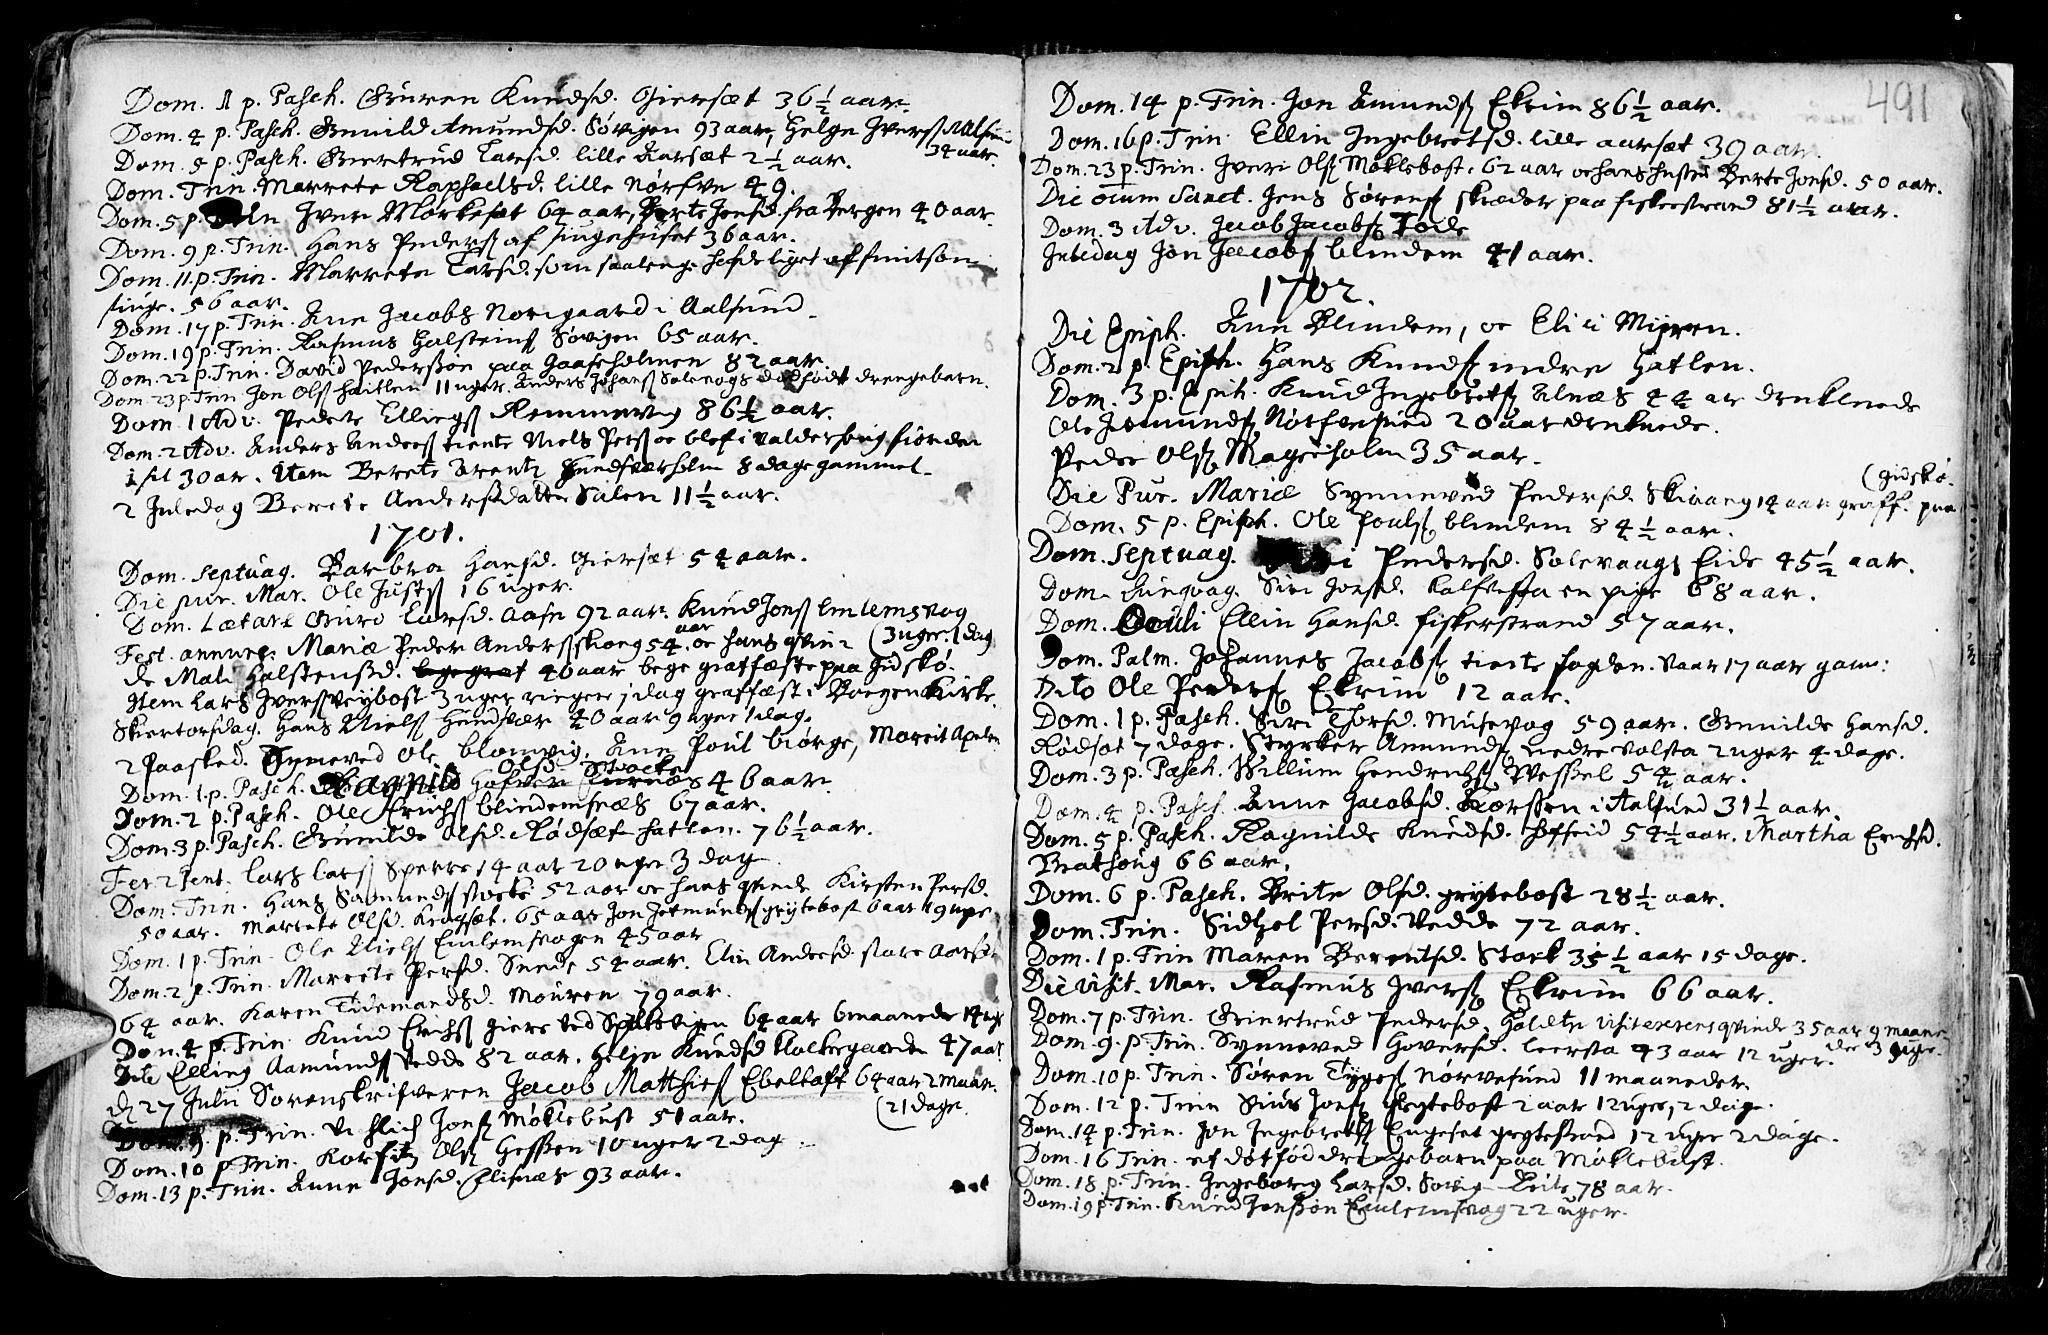 SAT, Ministerialprotokoller, klokkerbøker og fødselsregistre - Møre og Romsdal, 528/L0390: Ministerialbok nr. 528A01, 1698-1739, s. 490-491